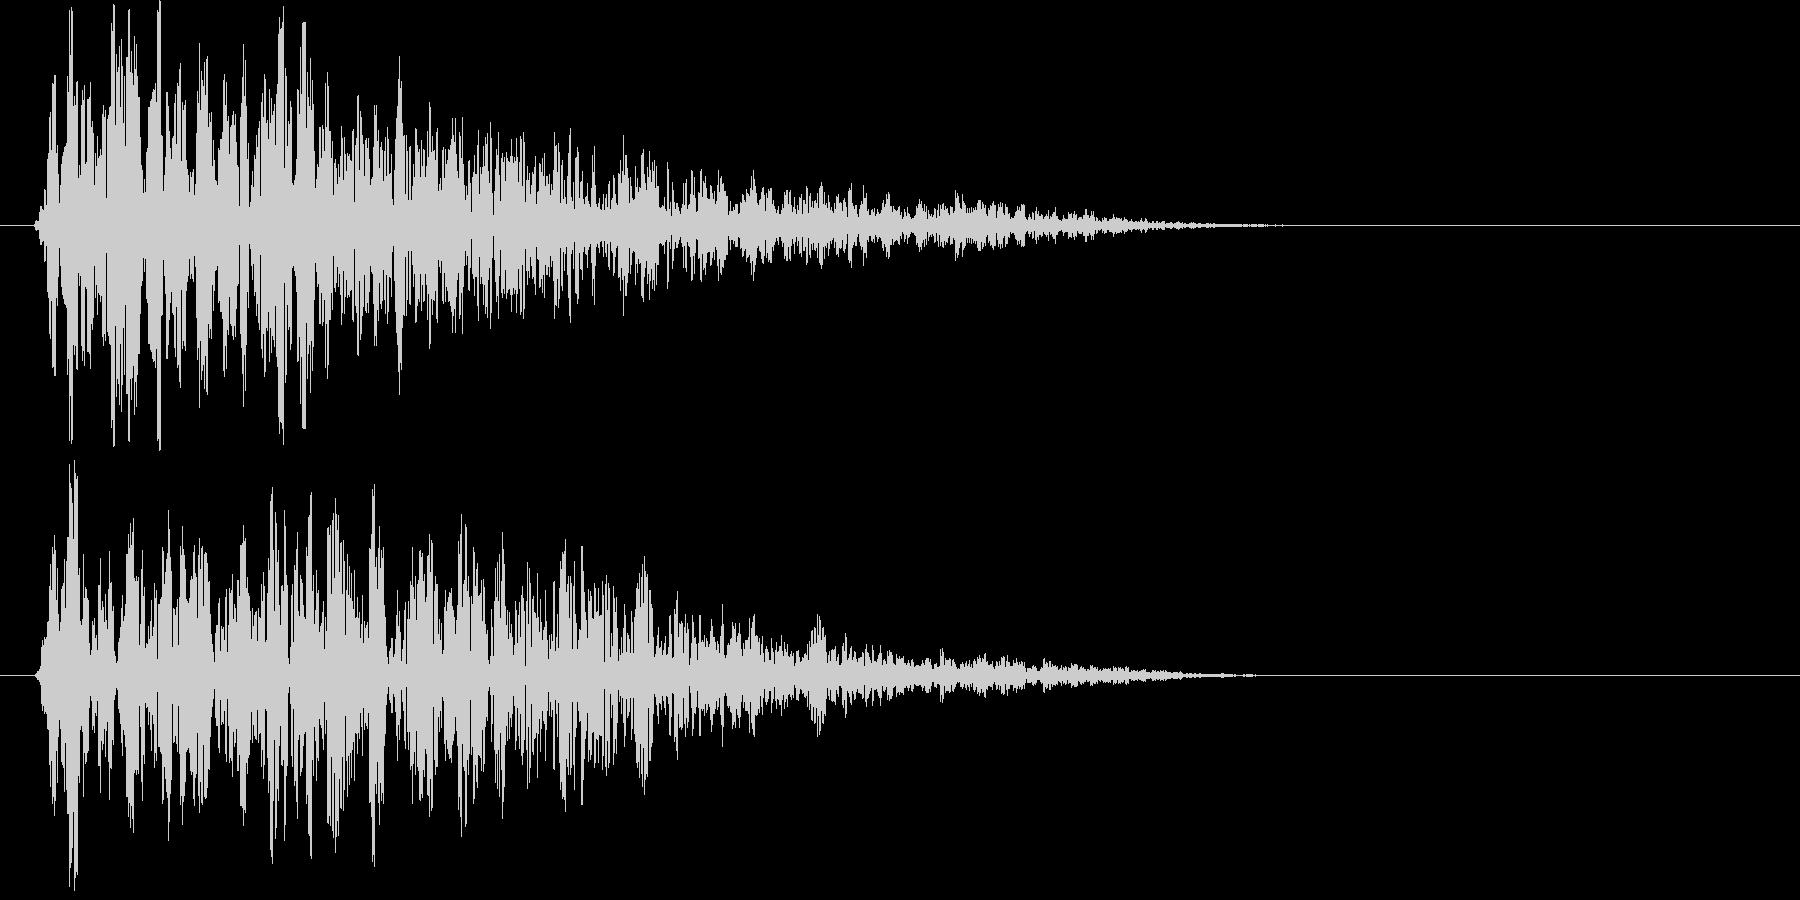 ホォォオオー(荒廃した街に吹く風)の未再生の波形